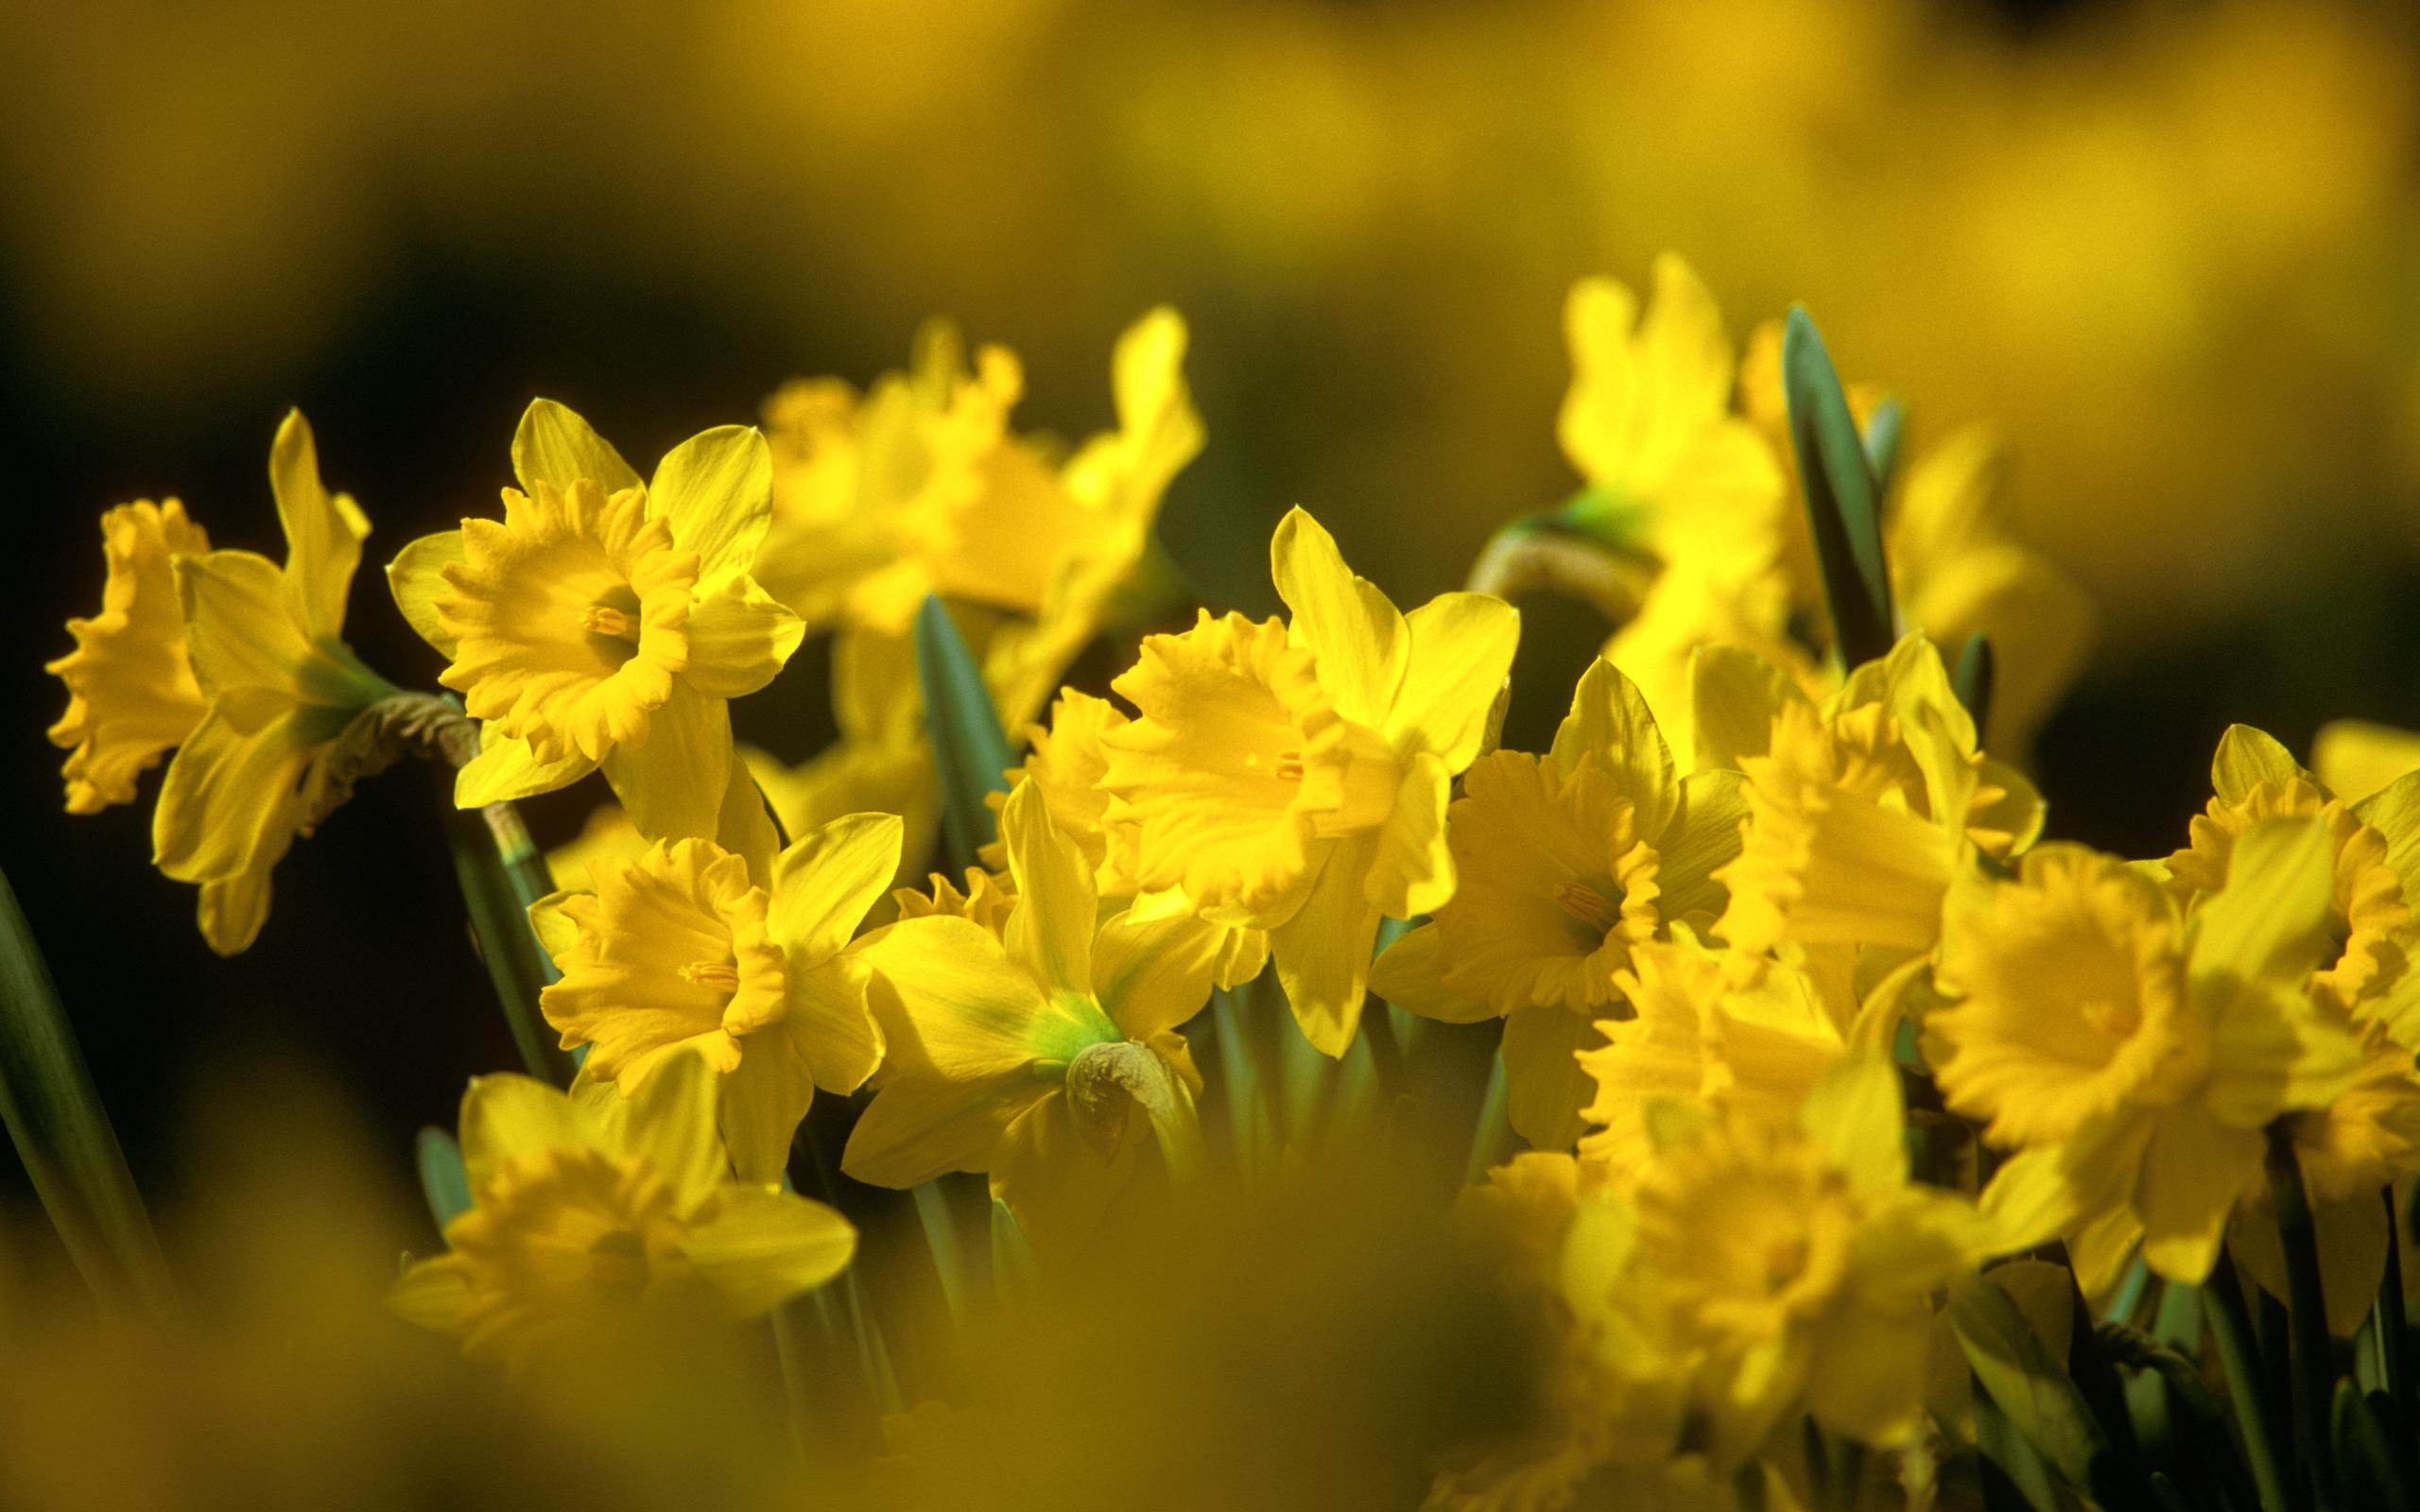 цветок желтый flower yellow  № 1246535 загрузить